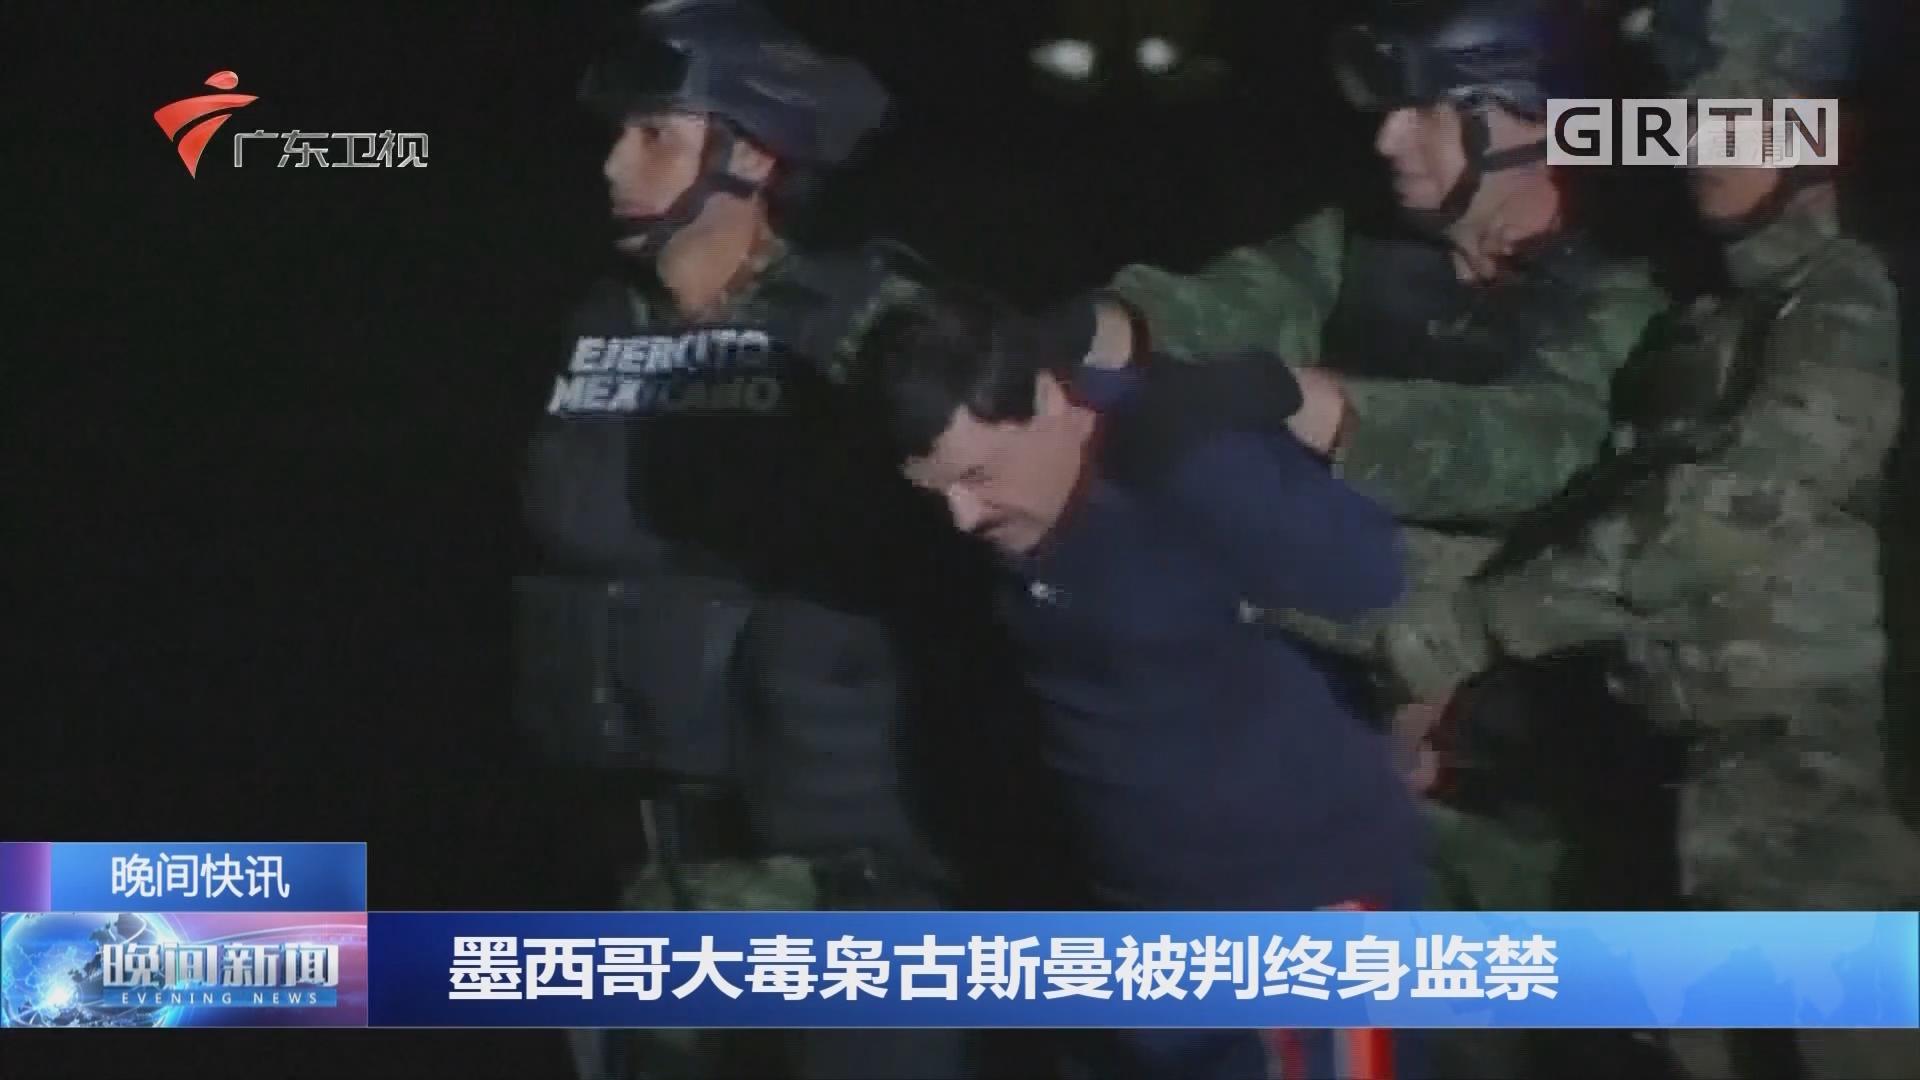 墨西哥大毒枭古斯曼被判终身监禁